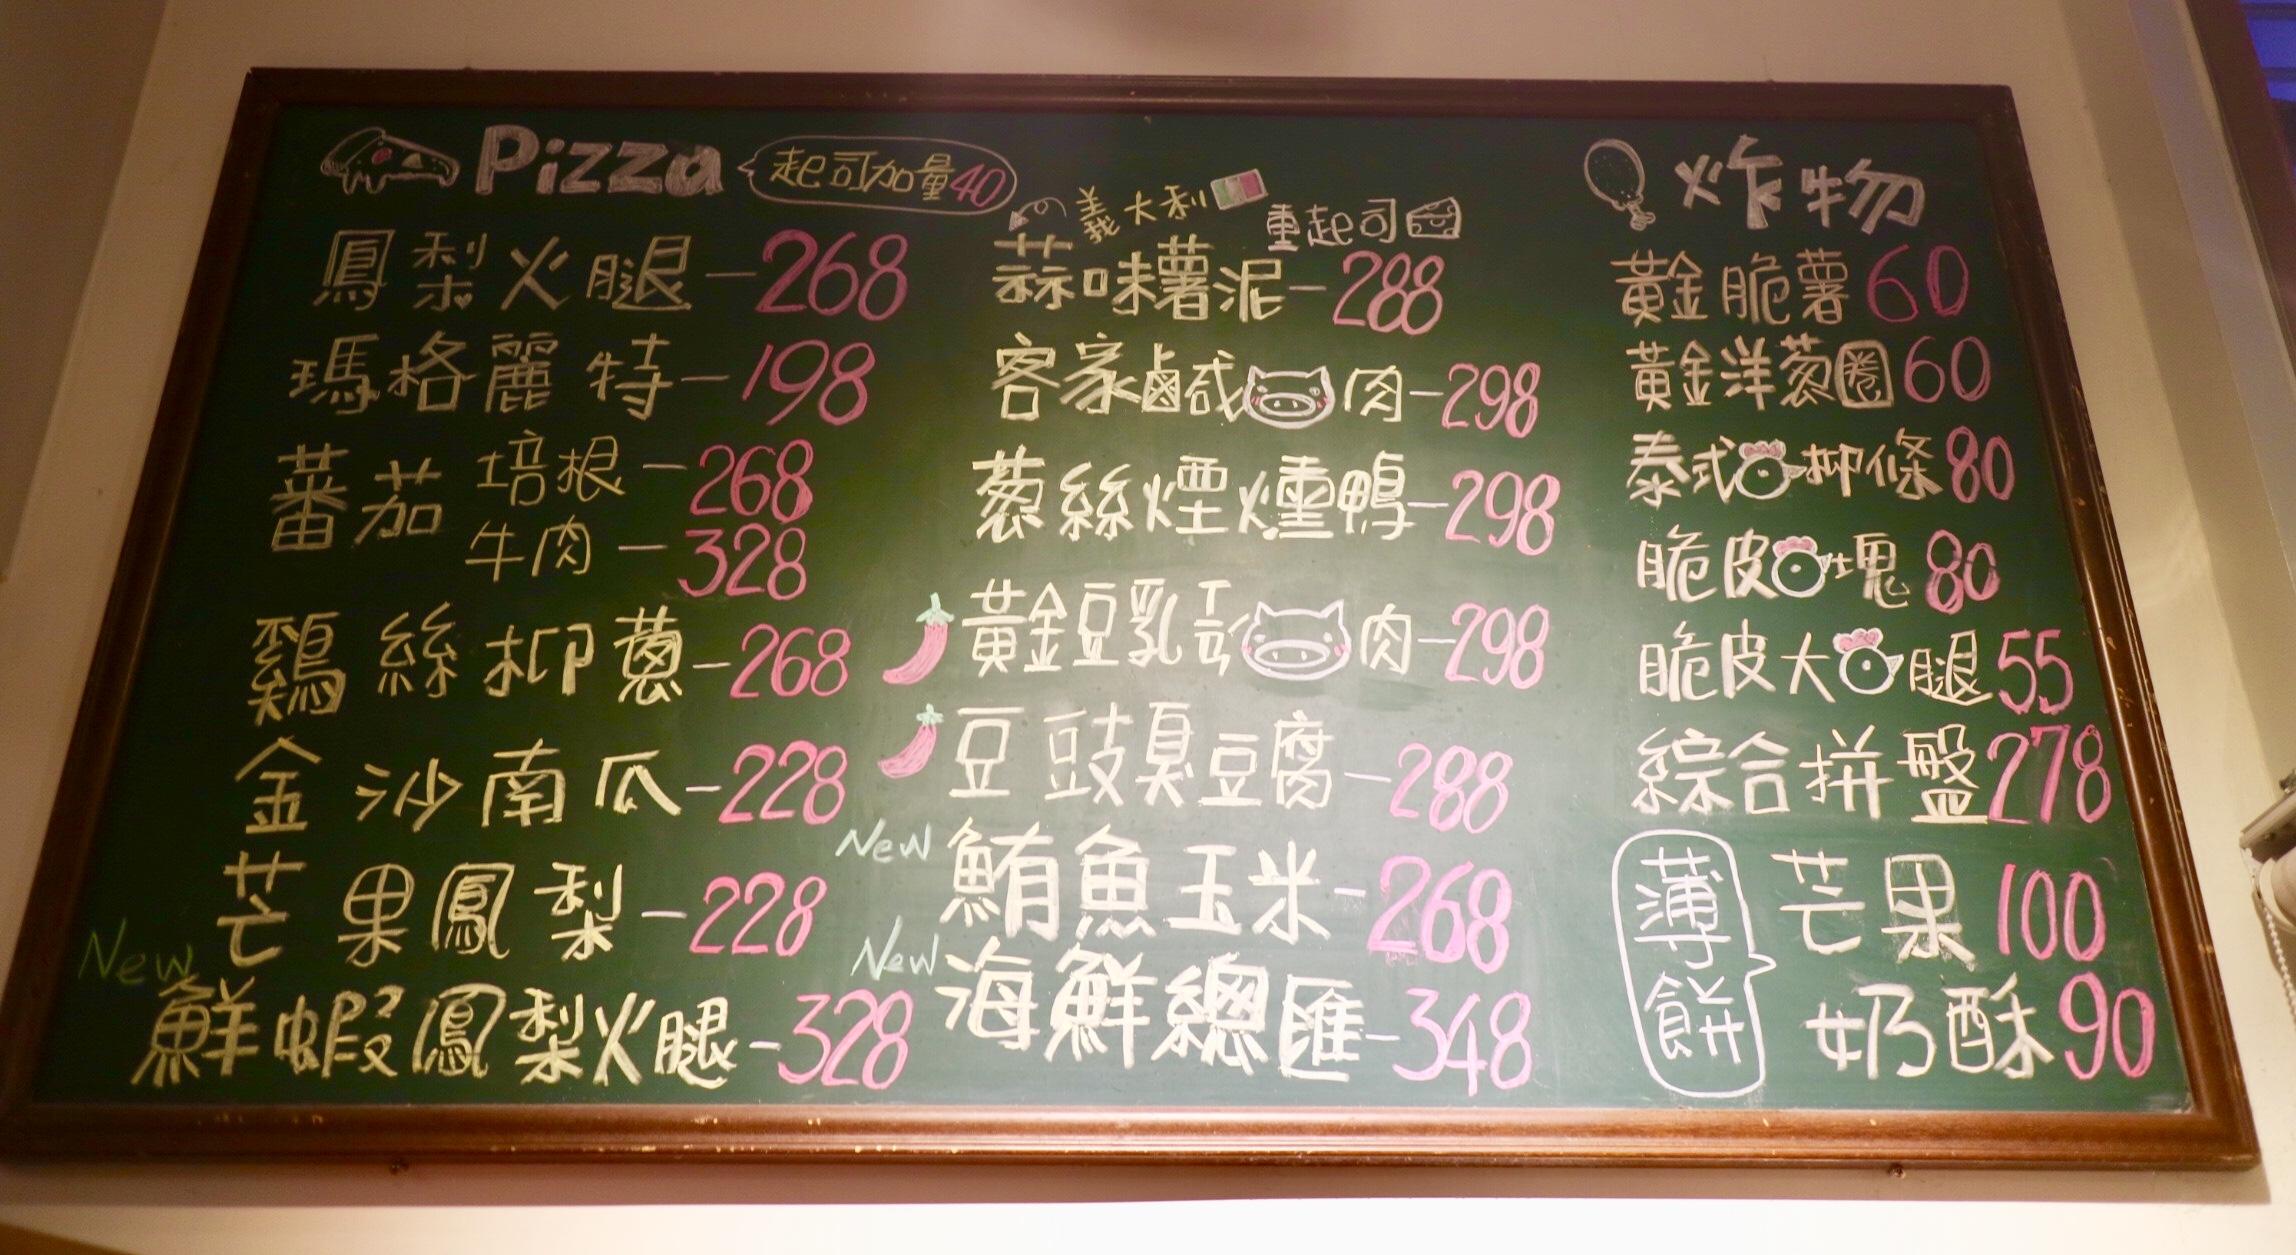 來我家吃pizza菜單